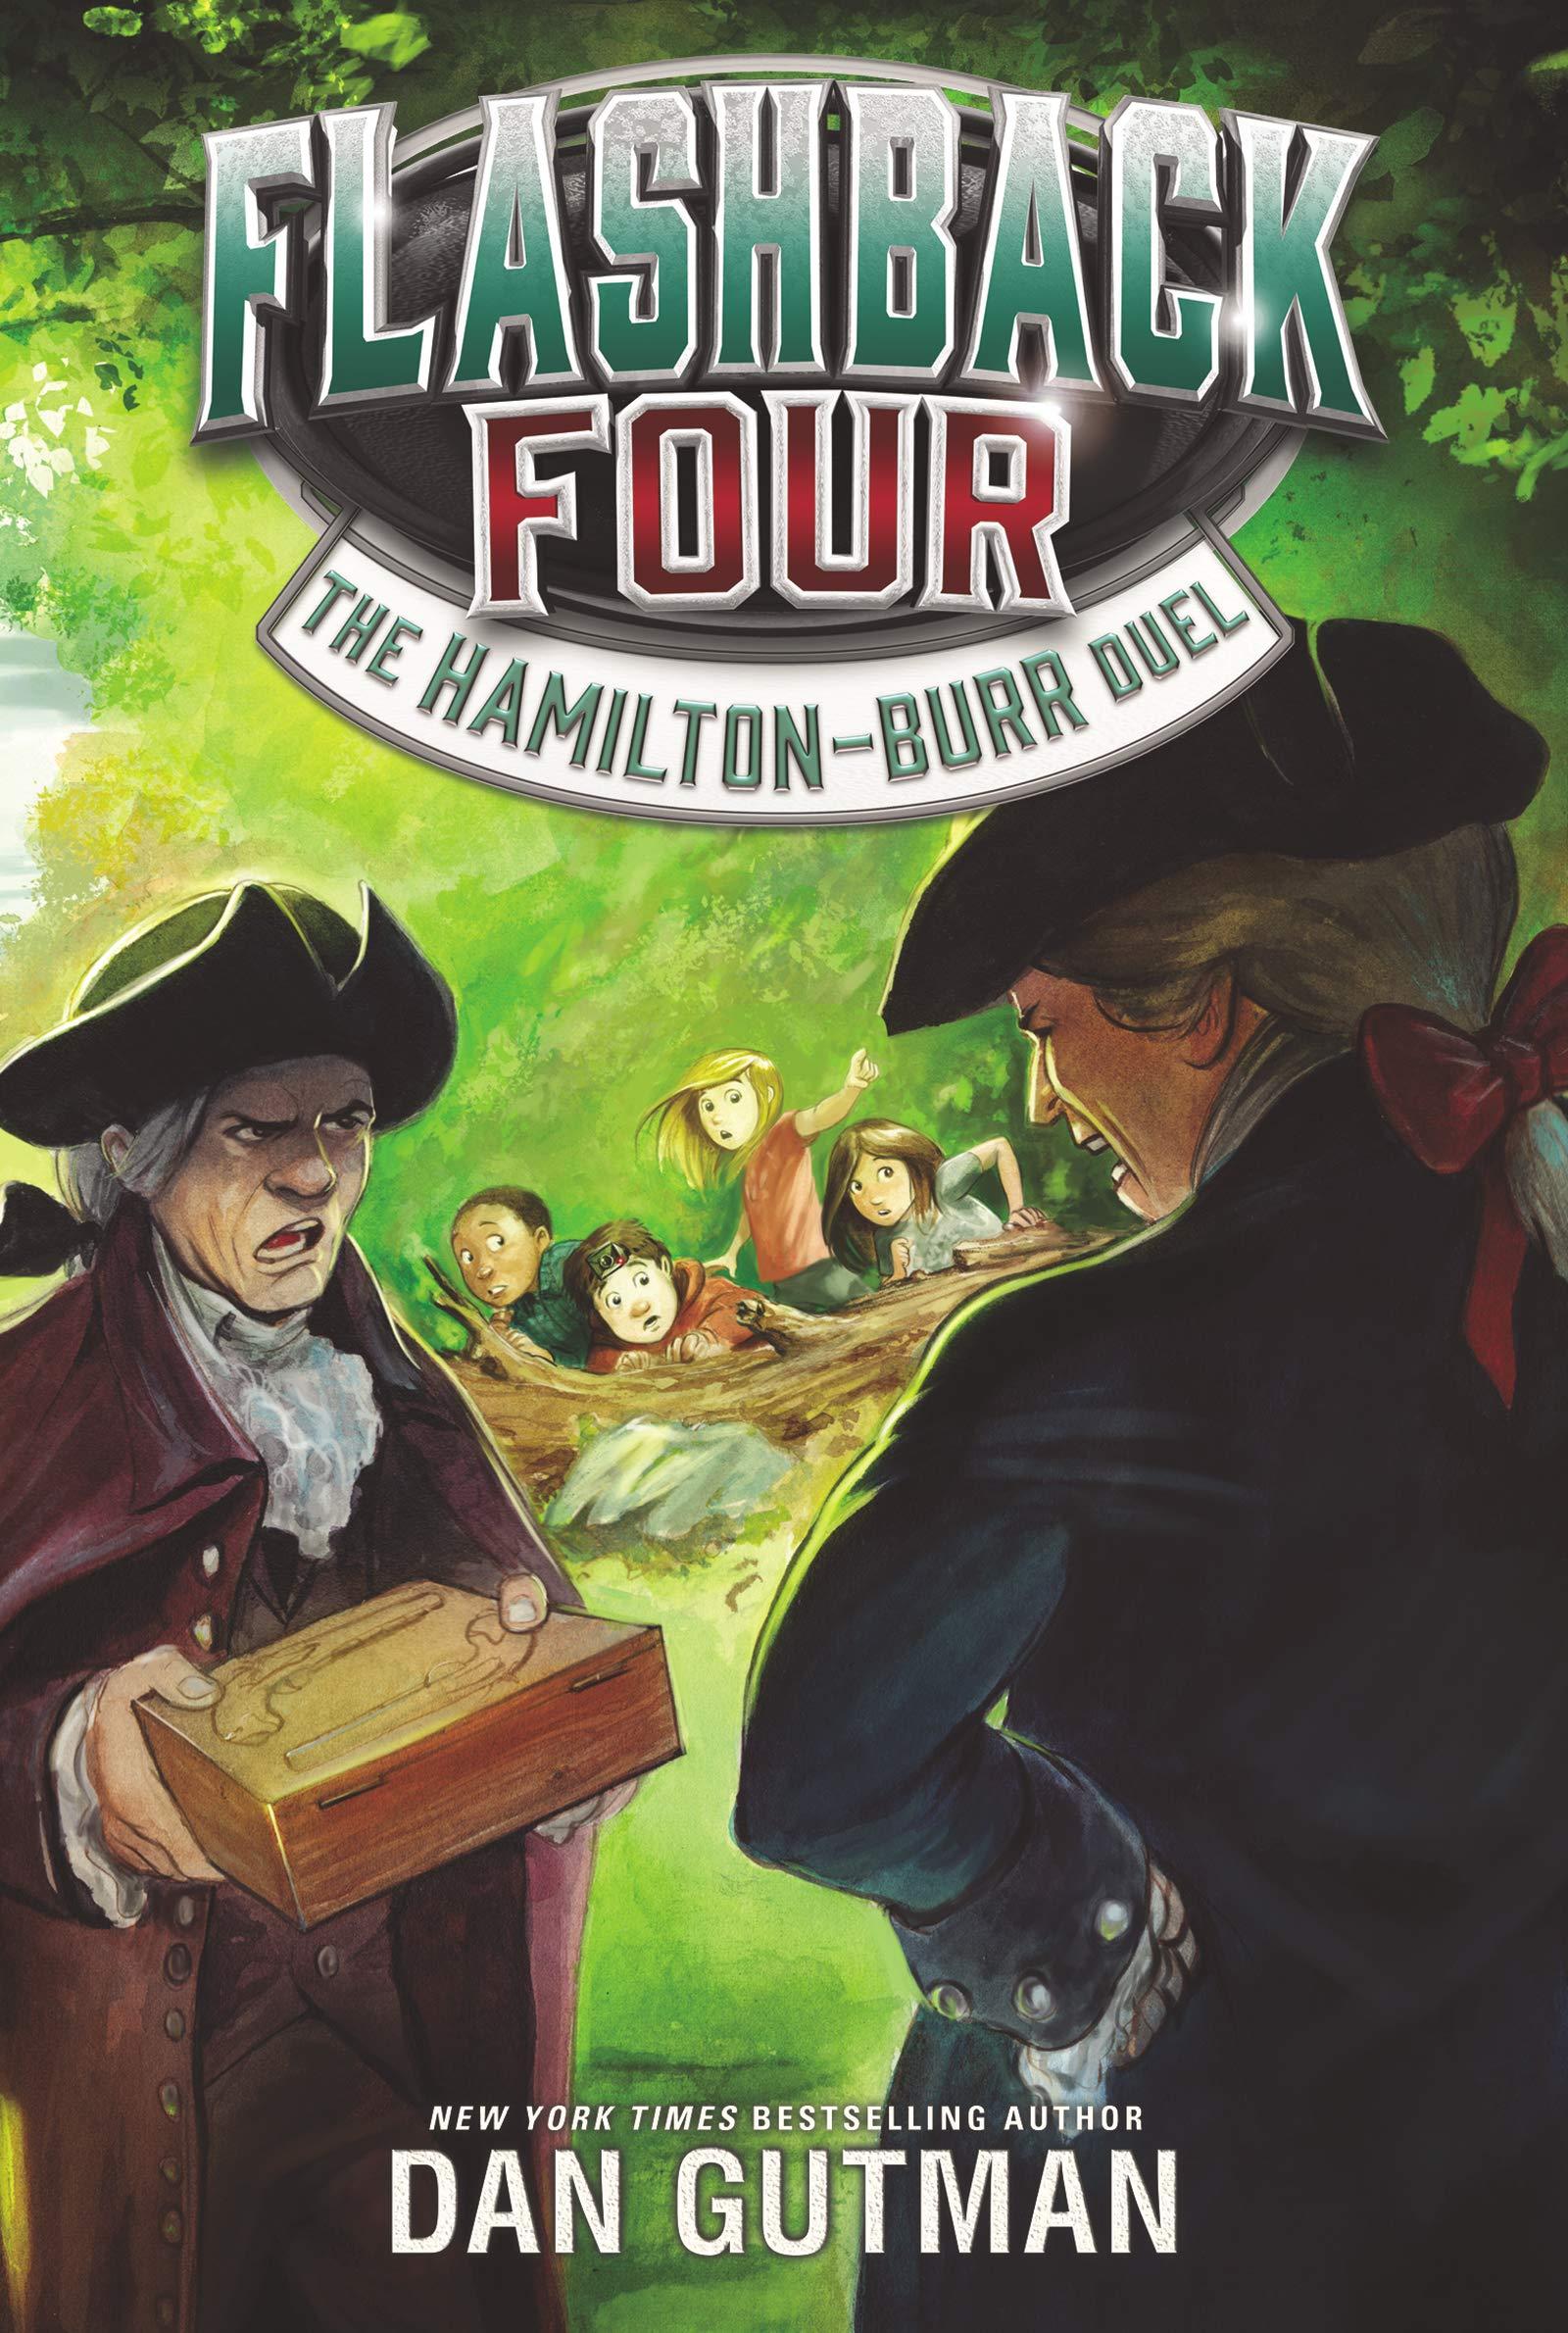 Flashback Four: The Hamilton-Burr Duel